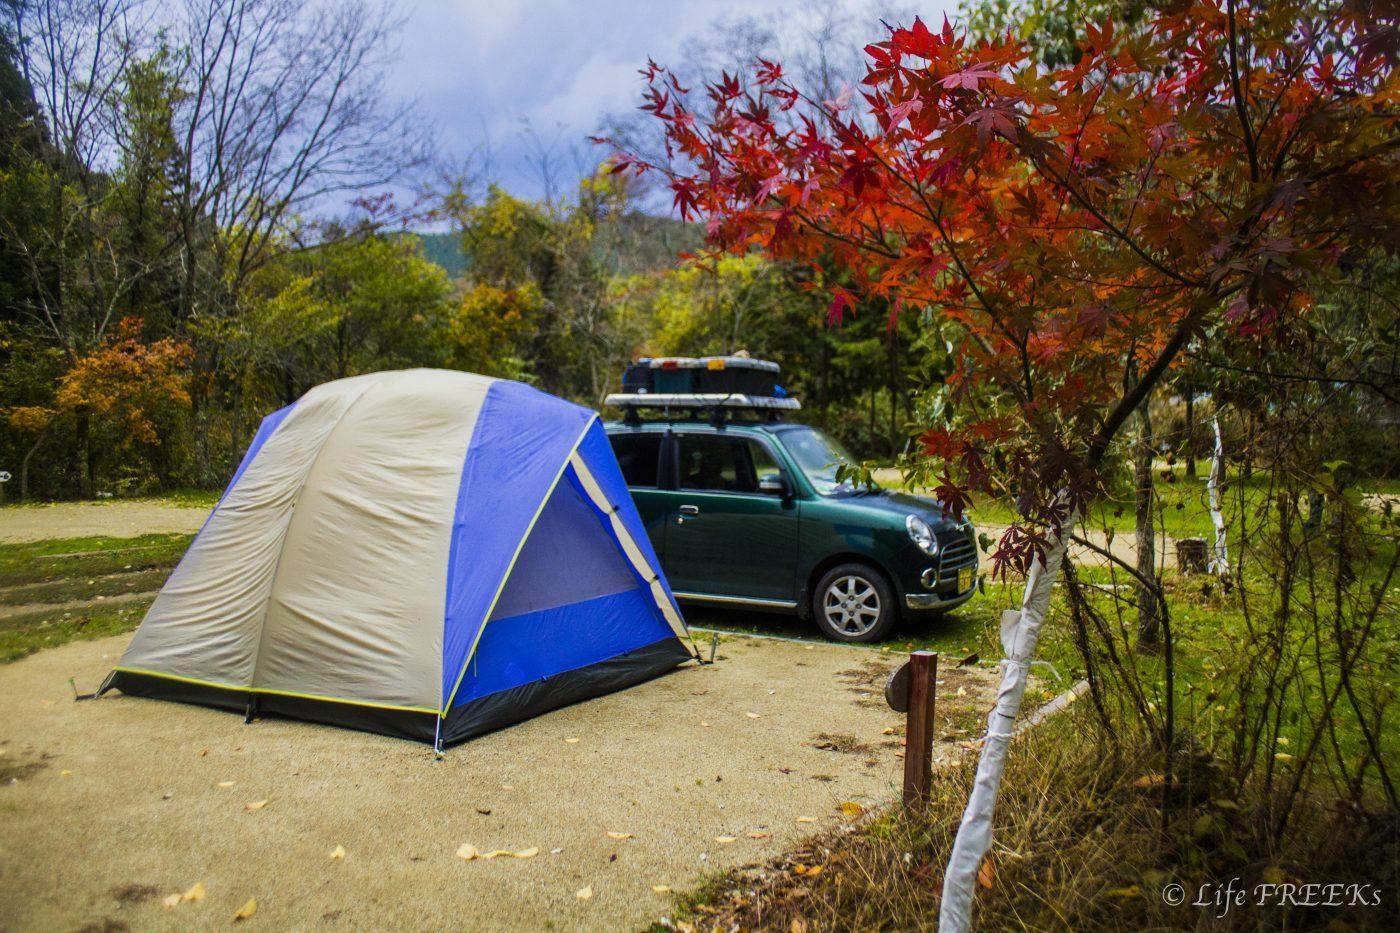 オートキャンプは車をテントの横につけて楽しむキャンプを指す